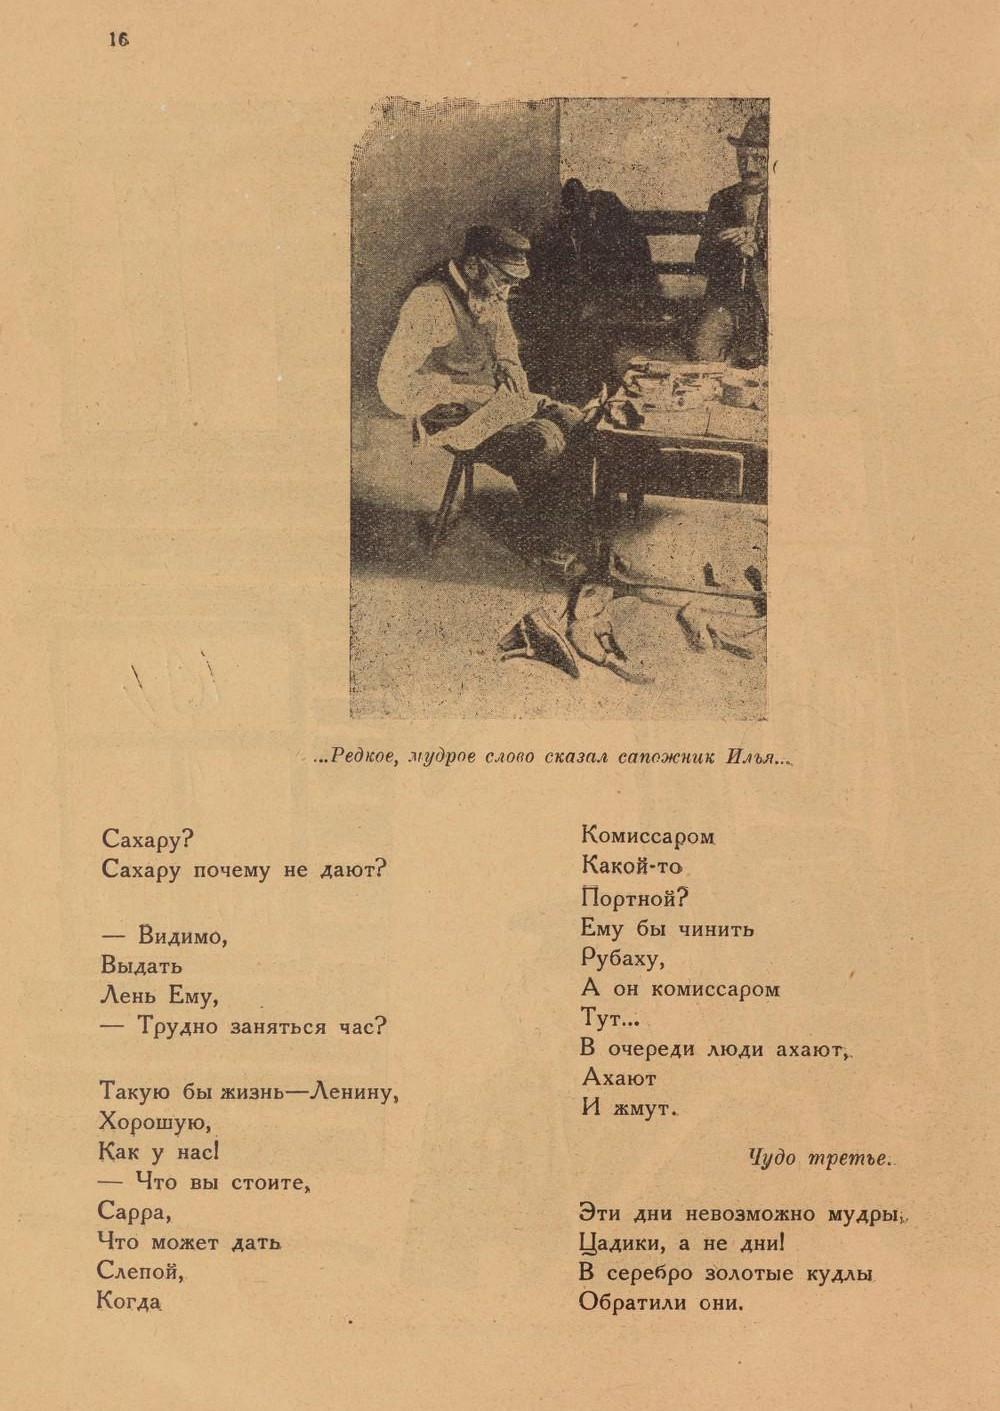 «Повесть о рыжем Мотэле, господине инспекторе, раввине Иссайе и комиссаре Блох» (1926 год) 14